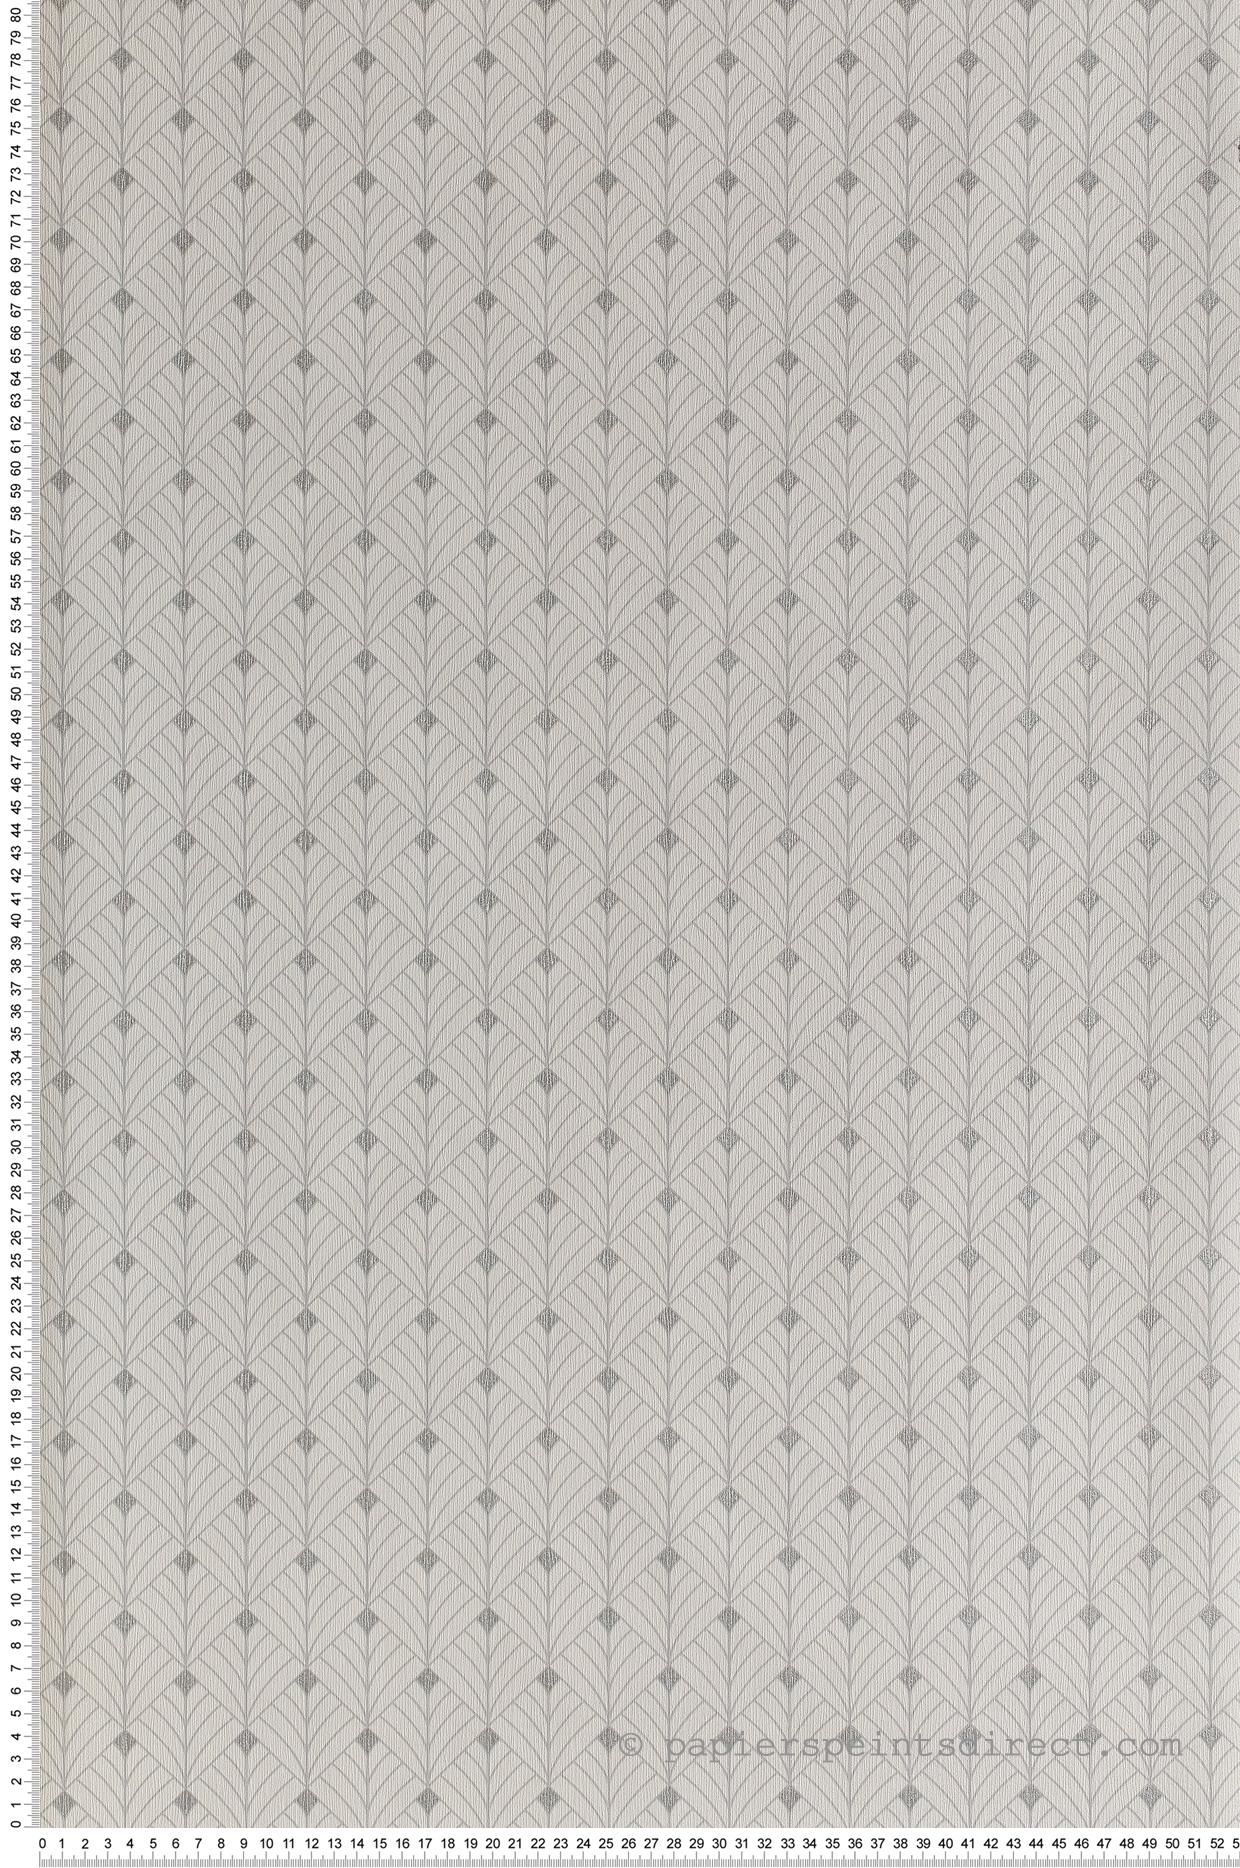 Papier Peint Art Deco Blanc papier peint art déco mistinguett blanc/gris/argenté